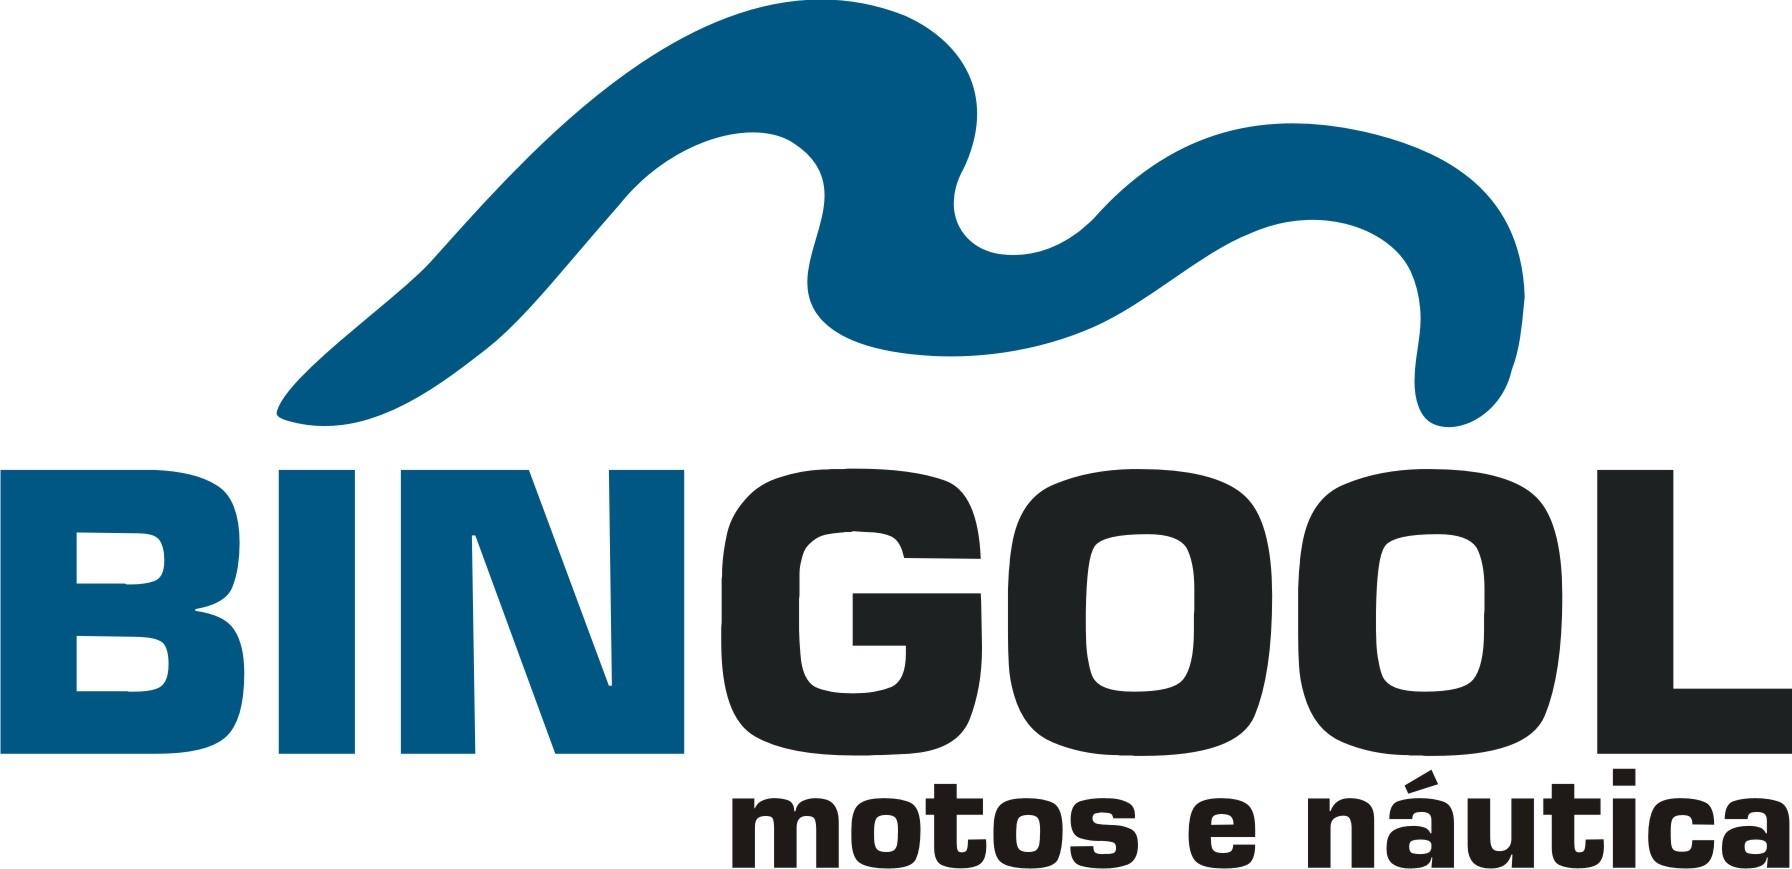 Logotipo BINGOOL